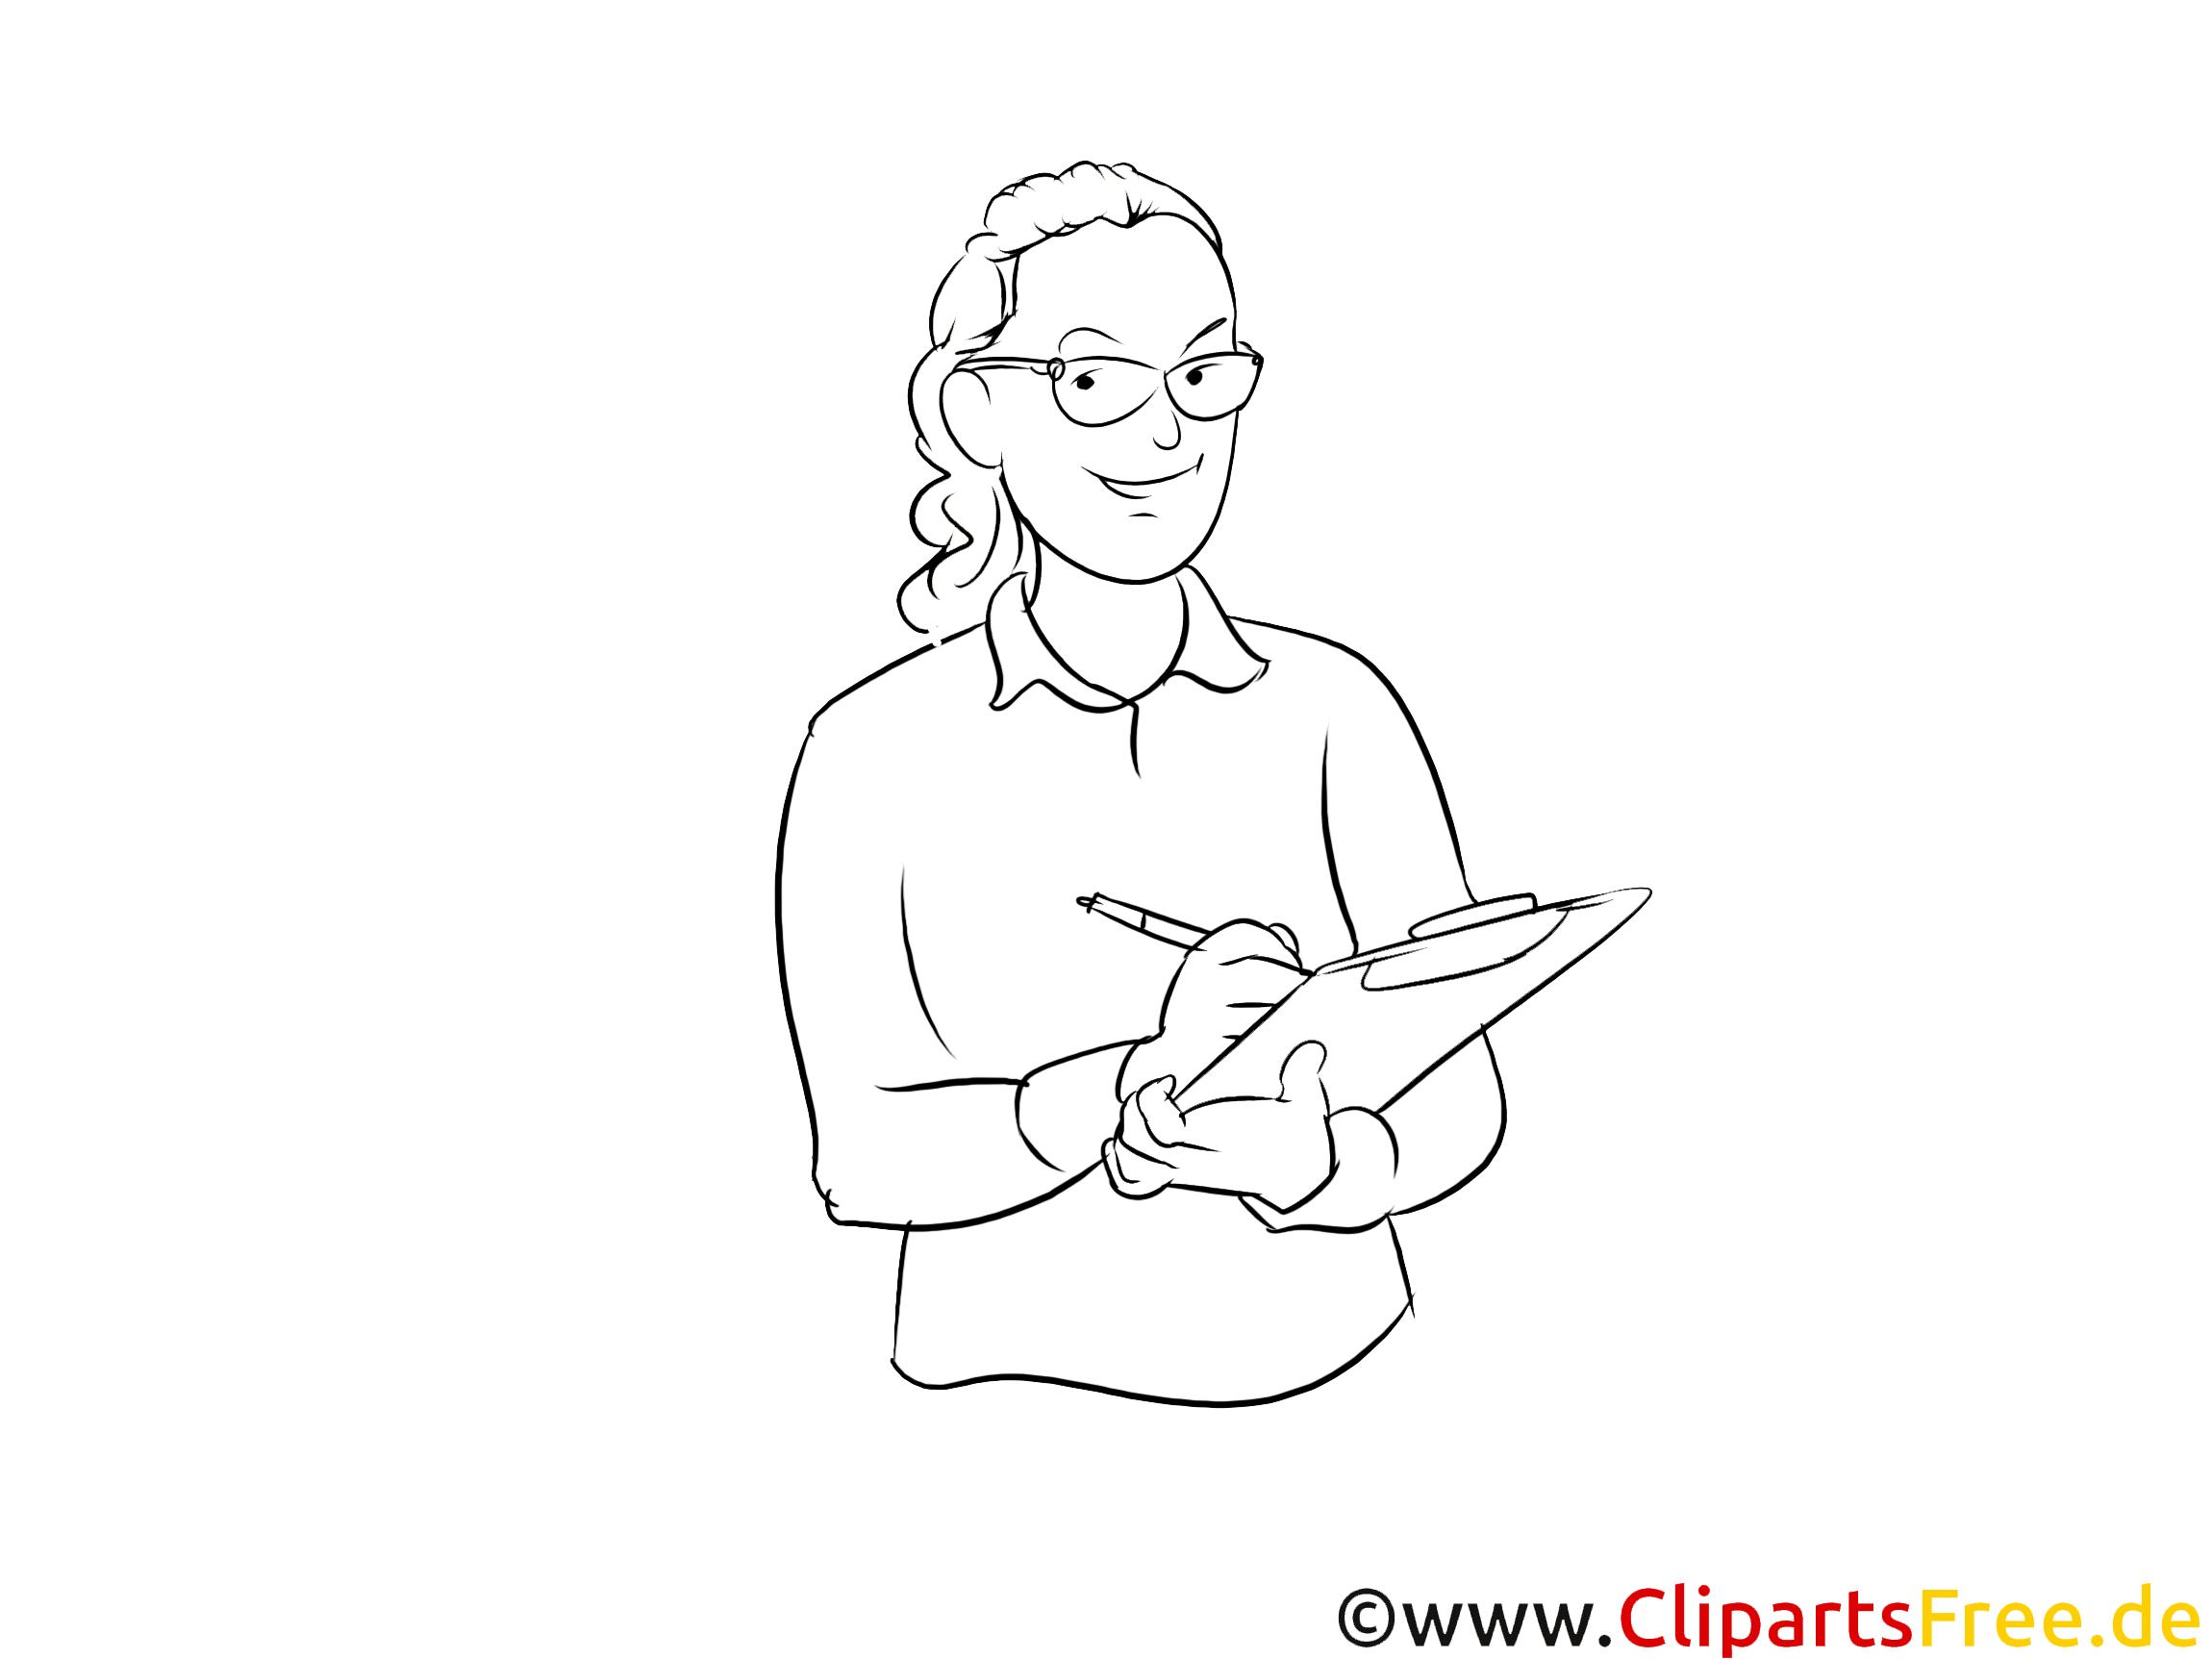 Krankenschwester schwarz weiße Strichzeichnungen, Bilder, Cliparts zum Thema Berufe